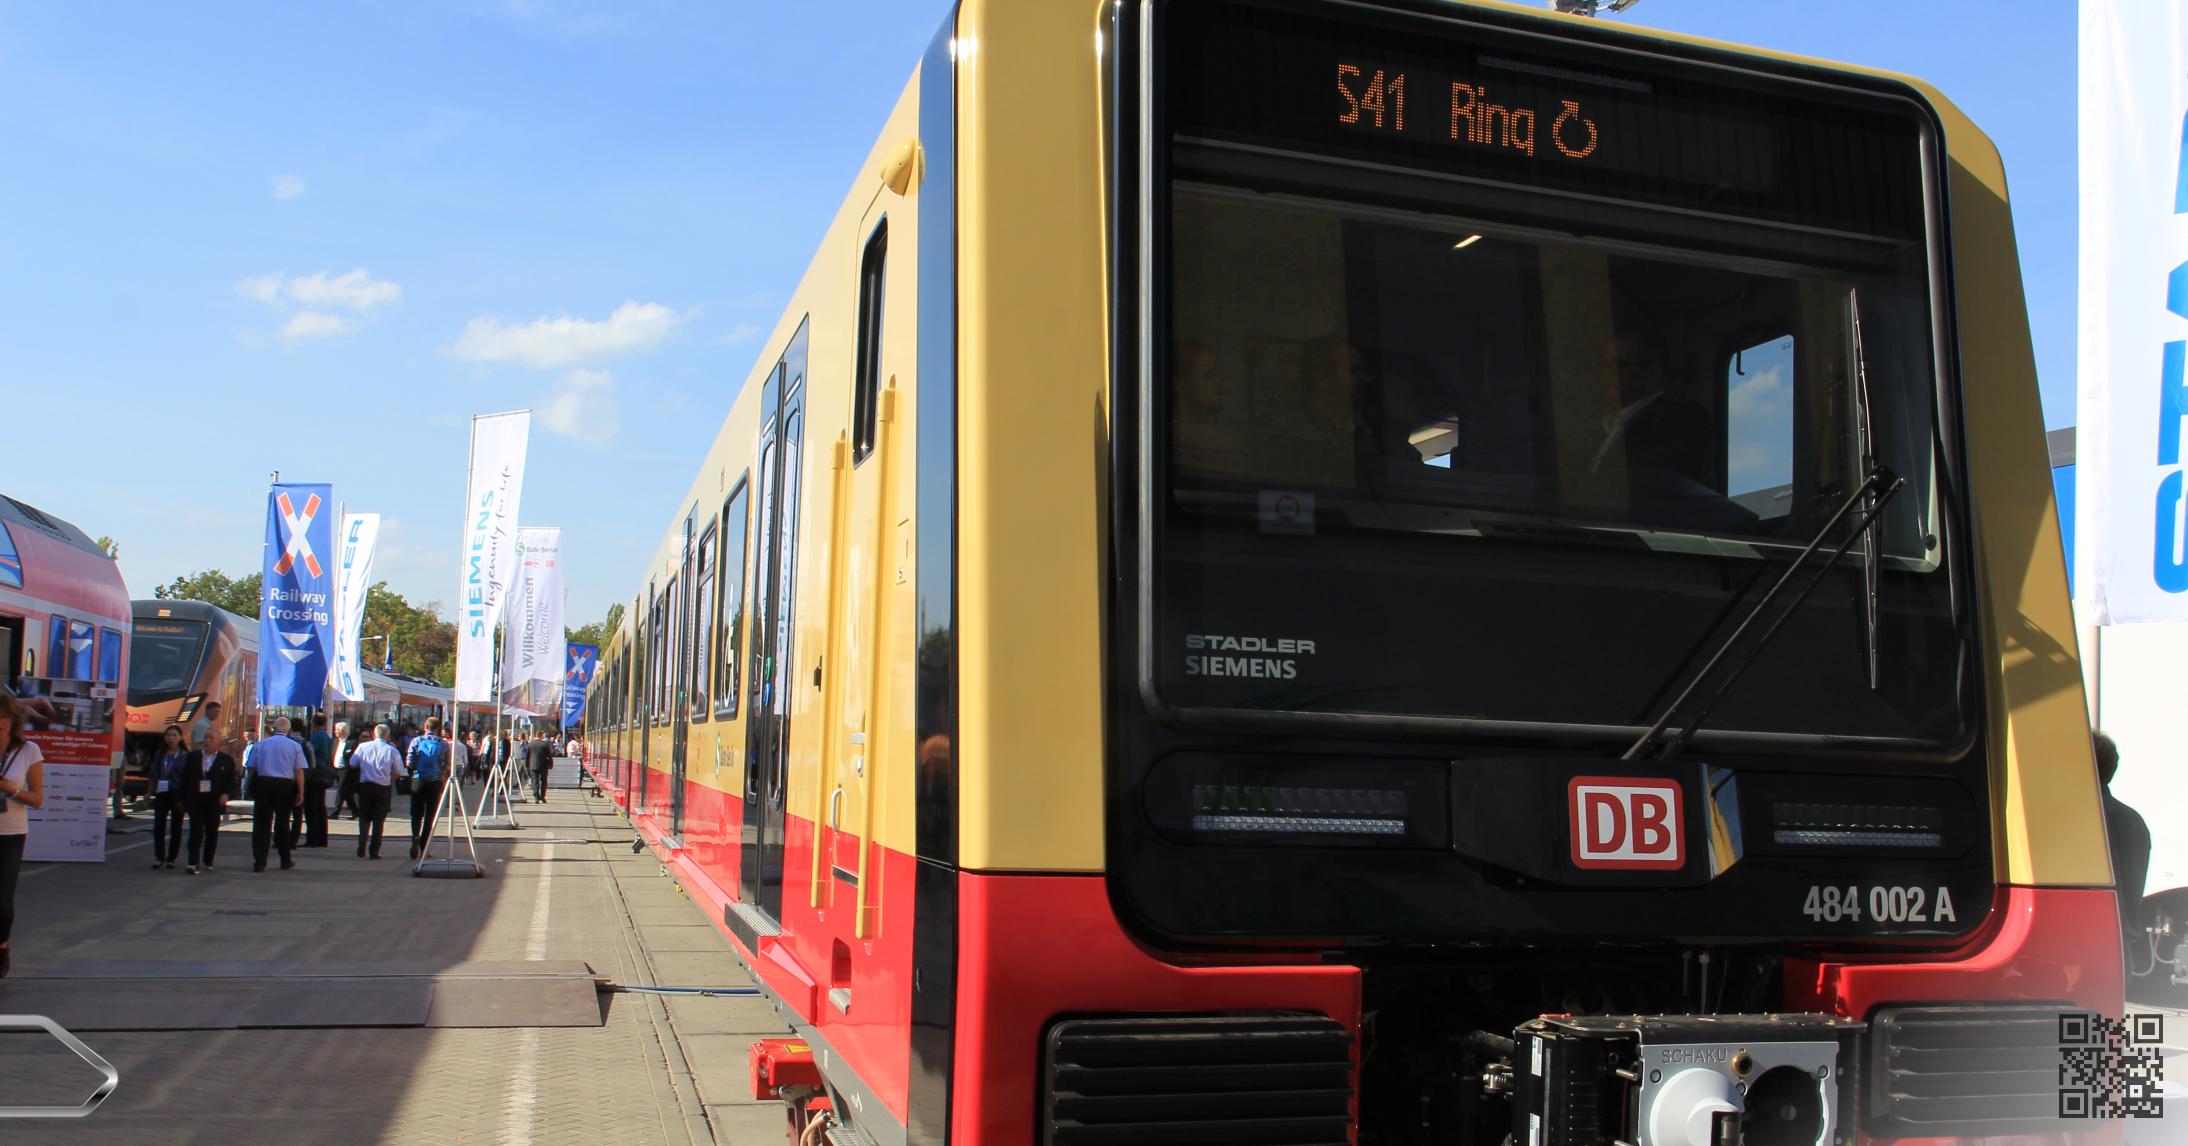 IT2018_sbahn_berlin_1